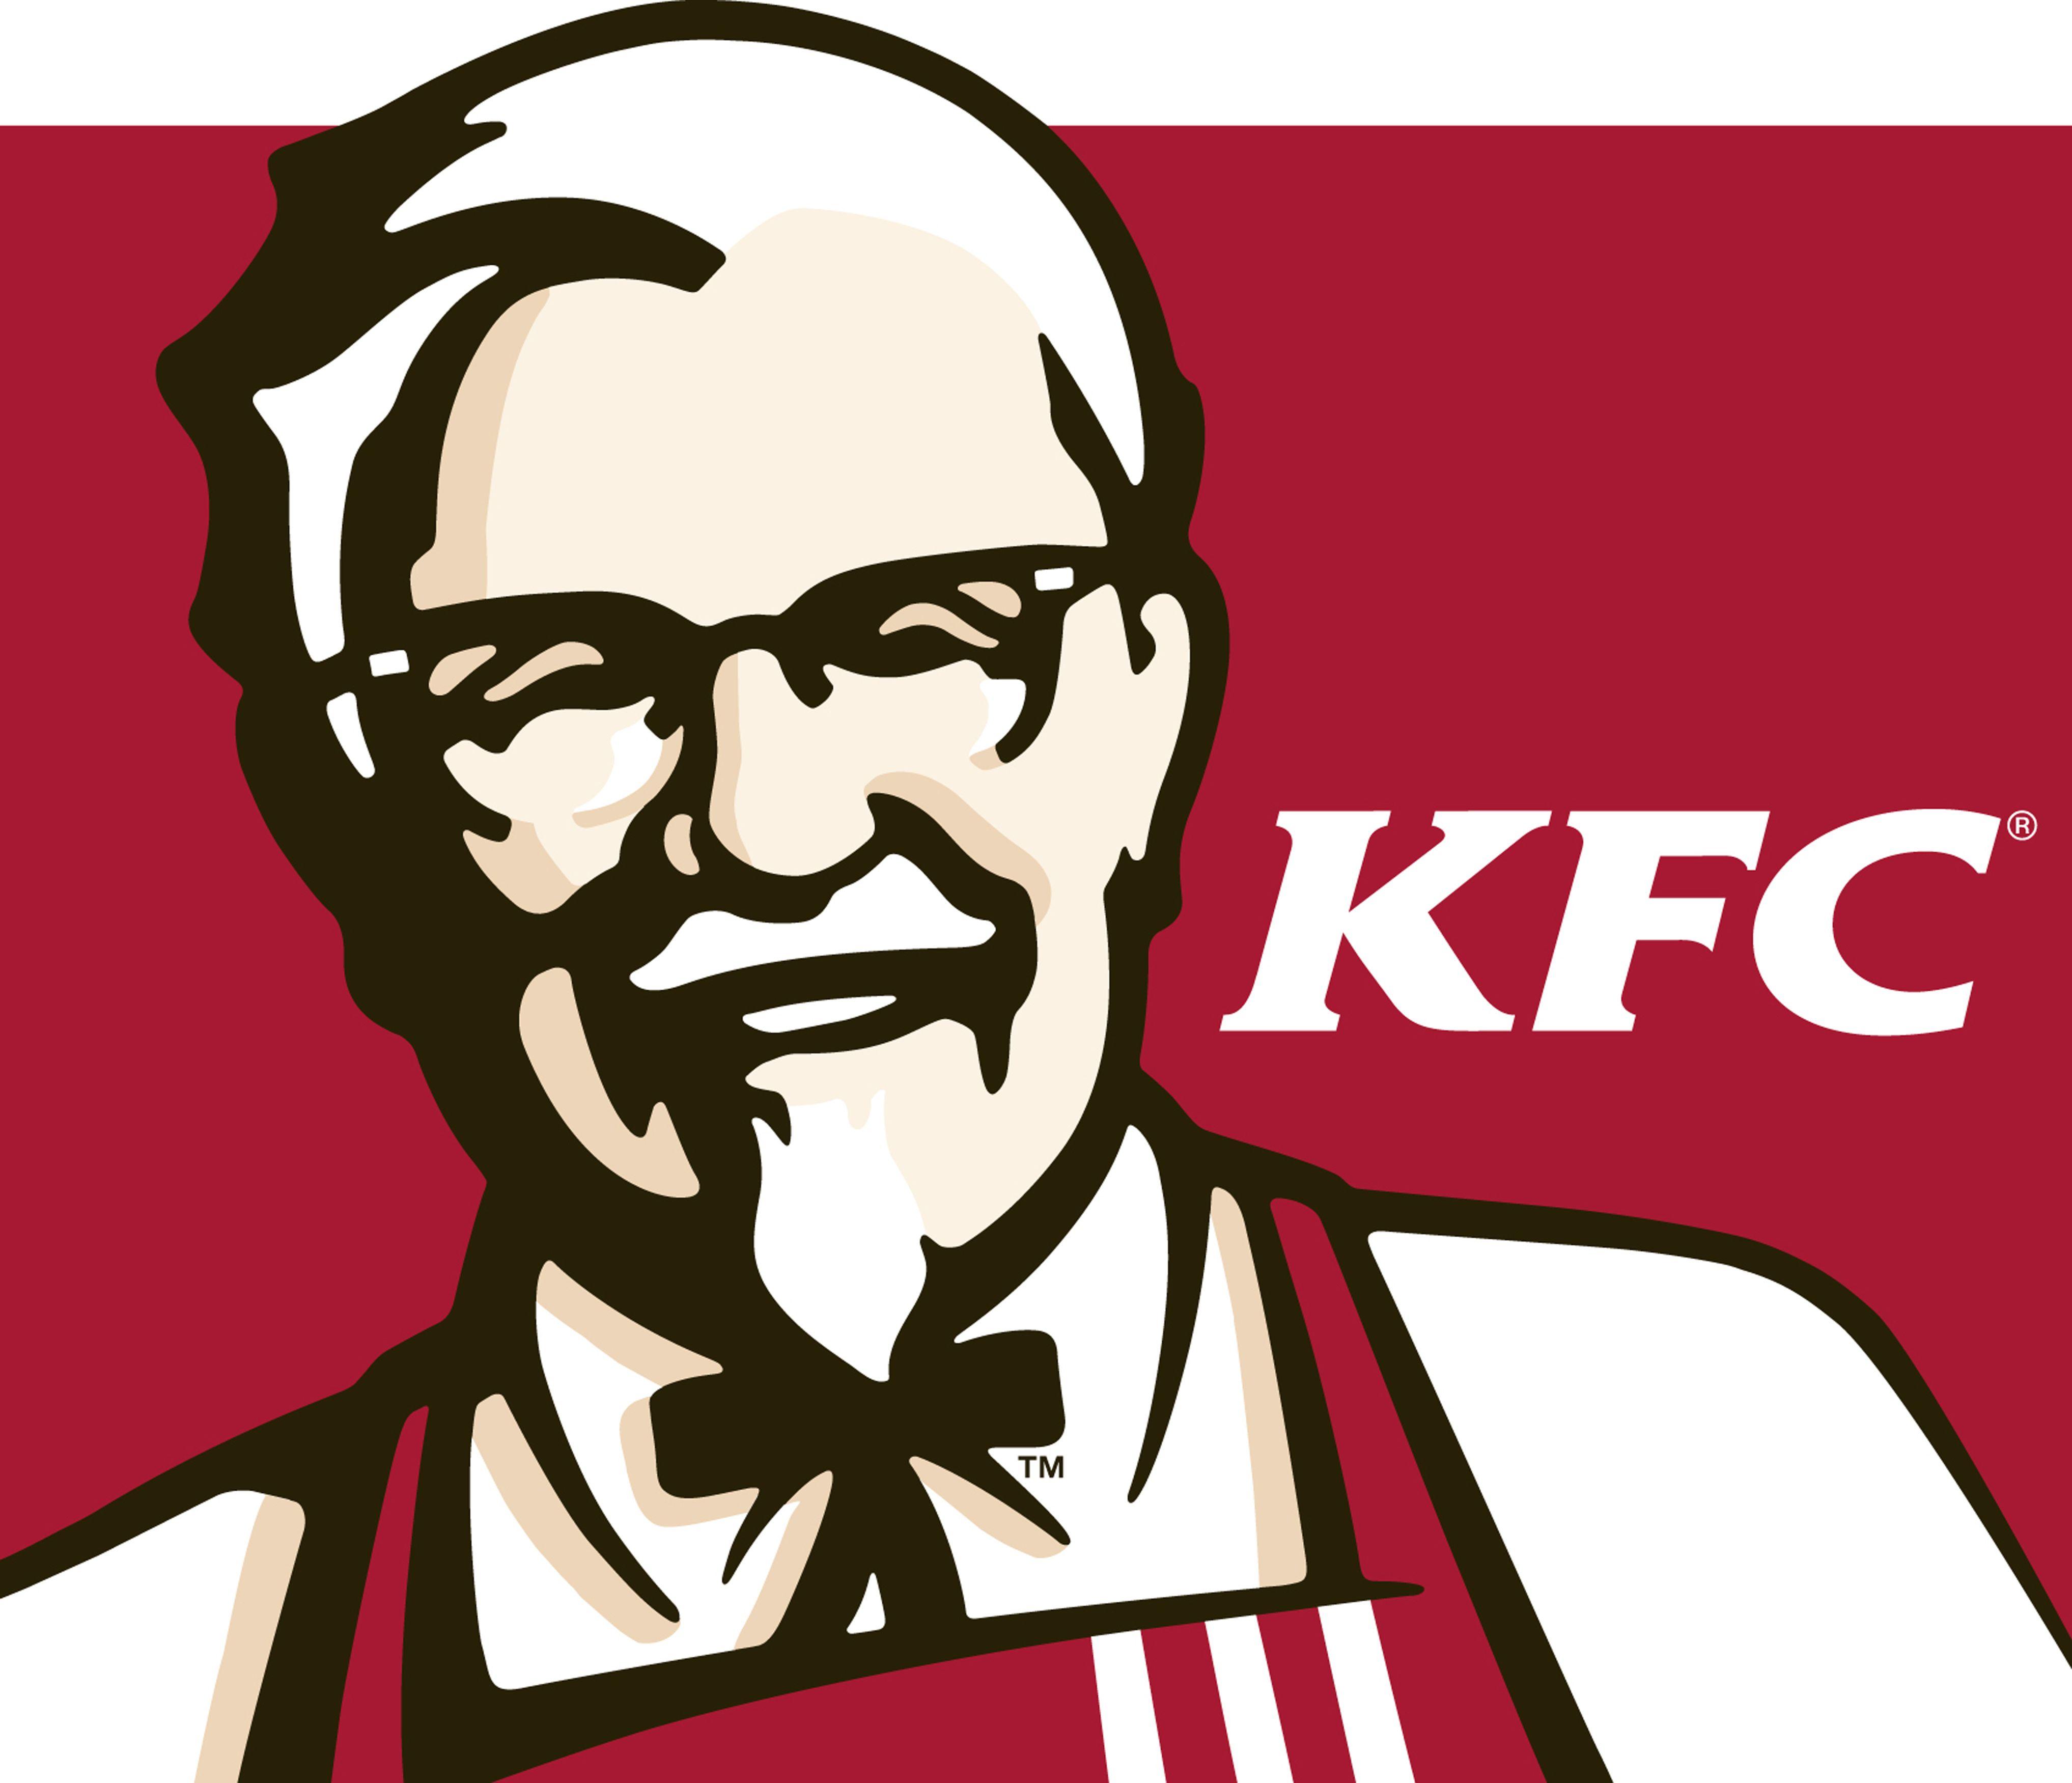 KFC Gutscheine: z.B. Zinger oder Filet Burger + 3 Filet Bits + große Pommes + 0,4L Getränk für 6,99€ [KFC App]